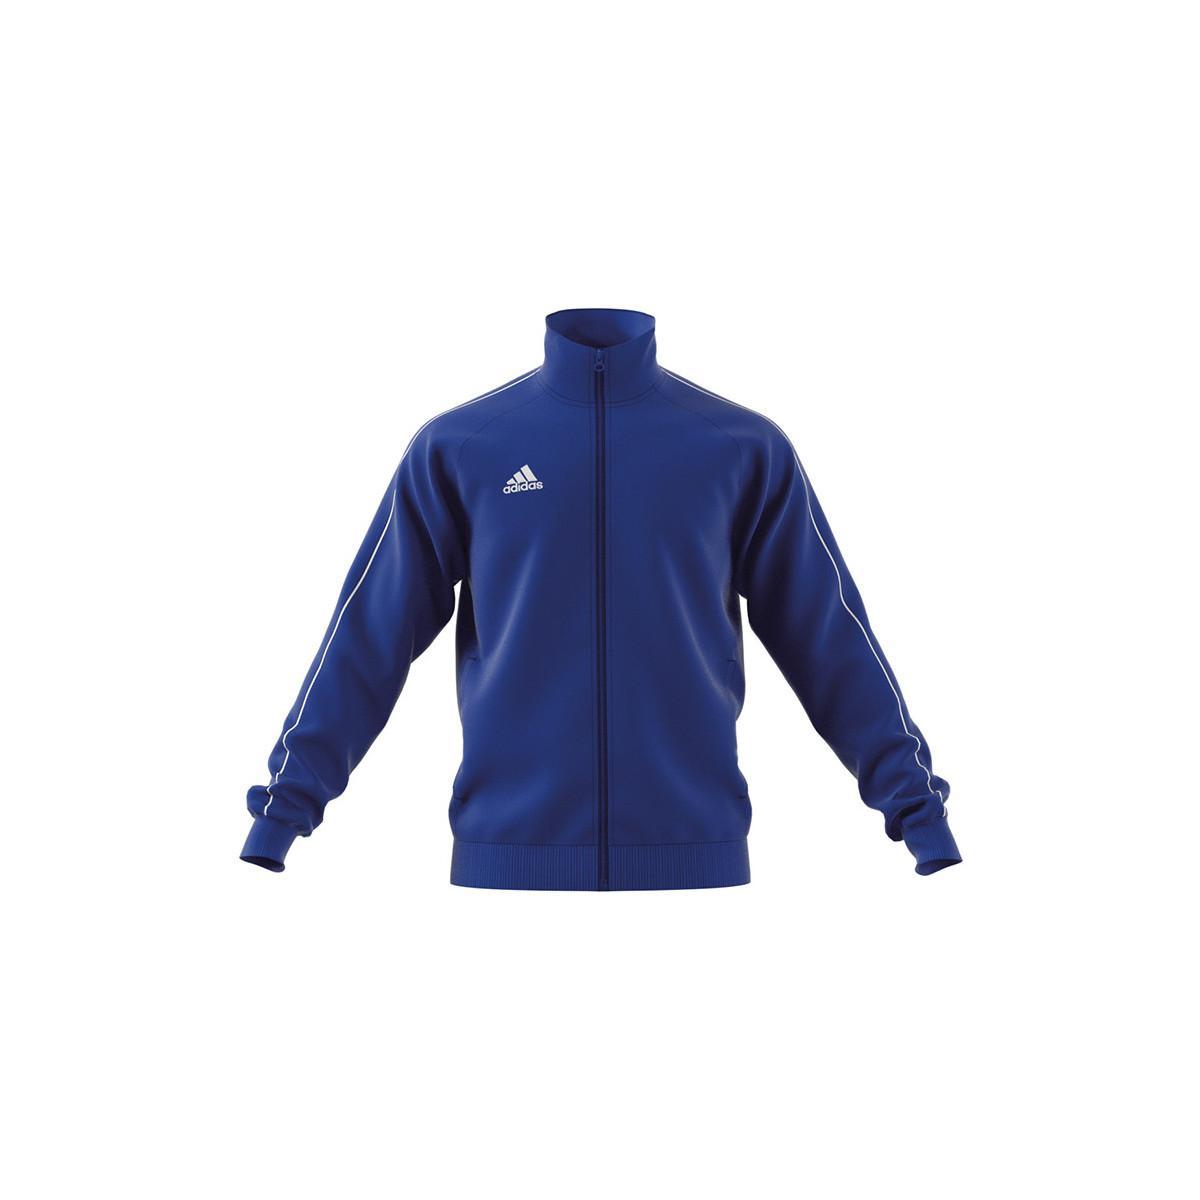 adidas Synthetisch Trainingsjack Core 18 Polyester Jacke in het Blauw voor heren